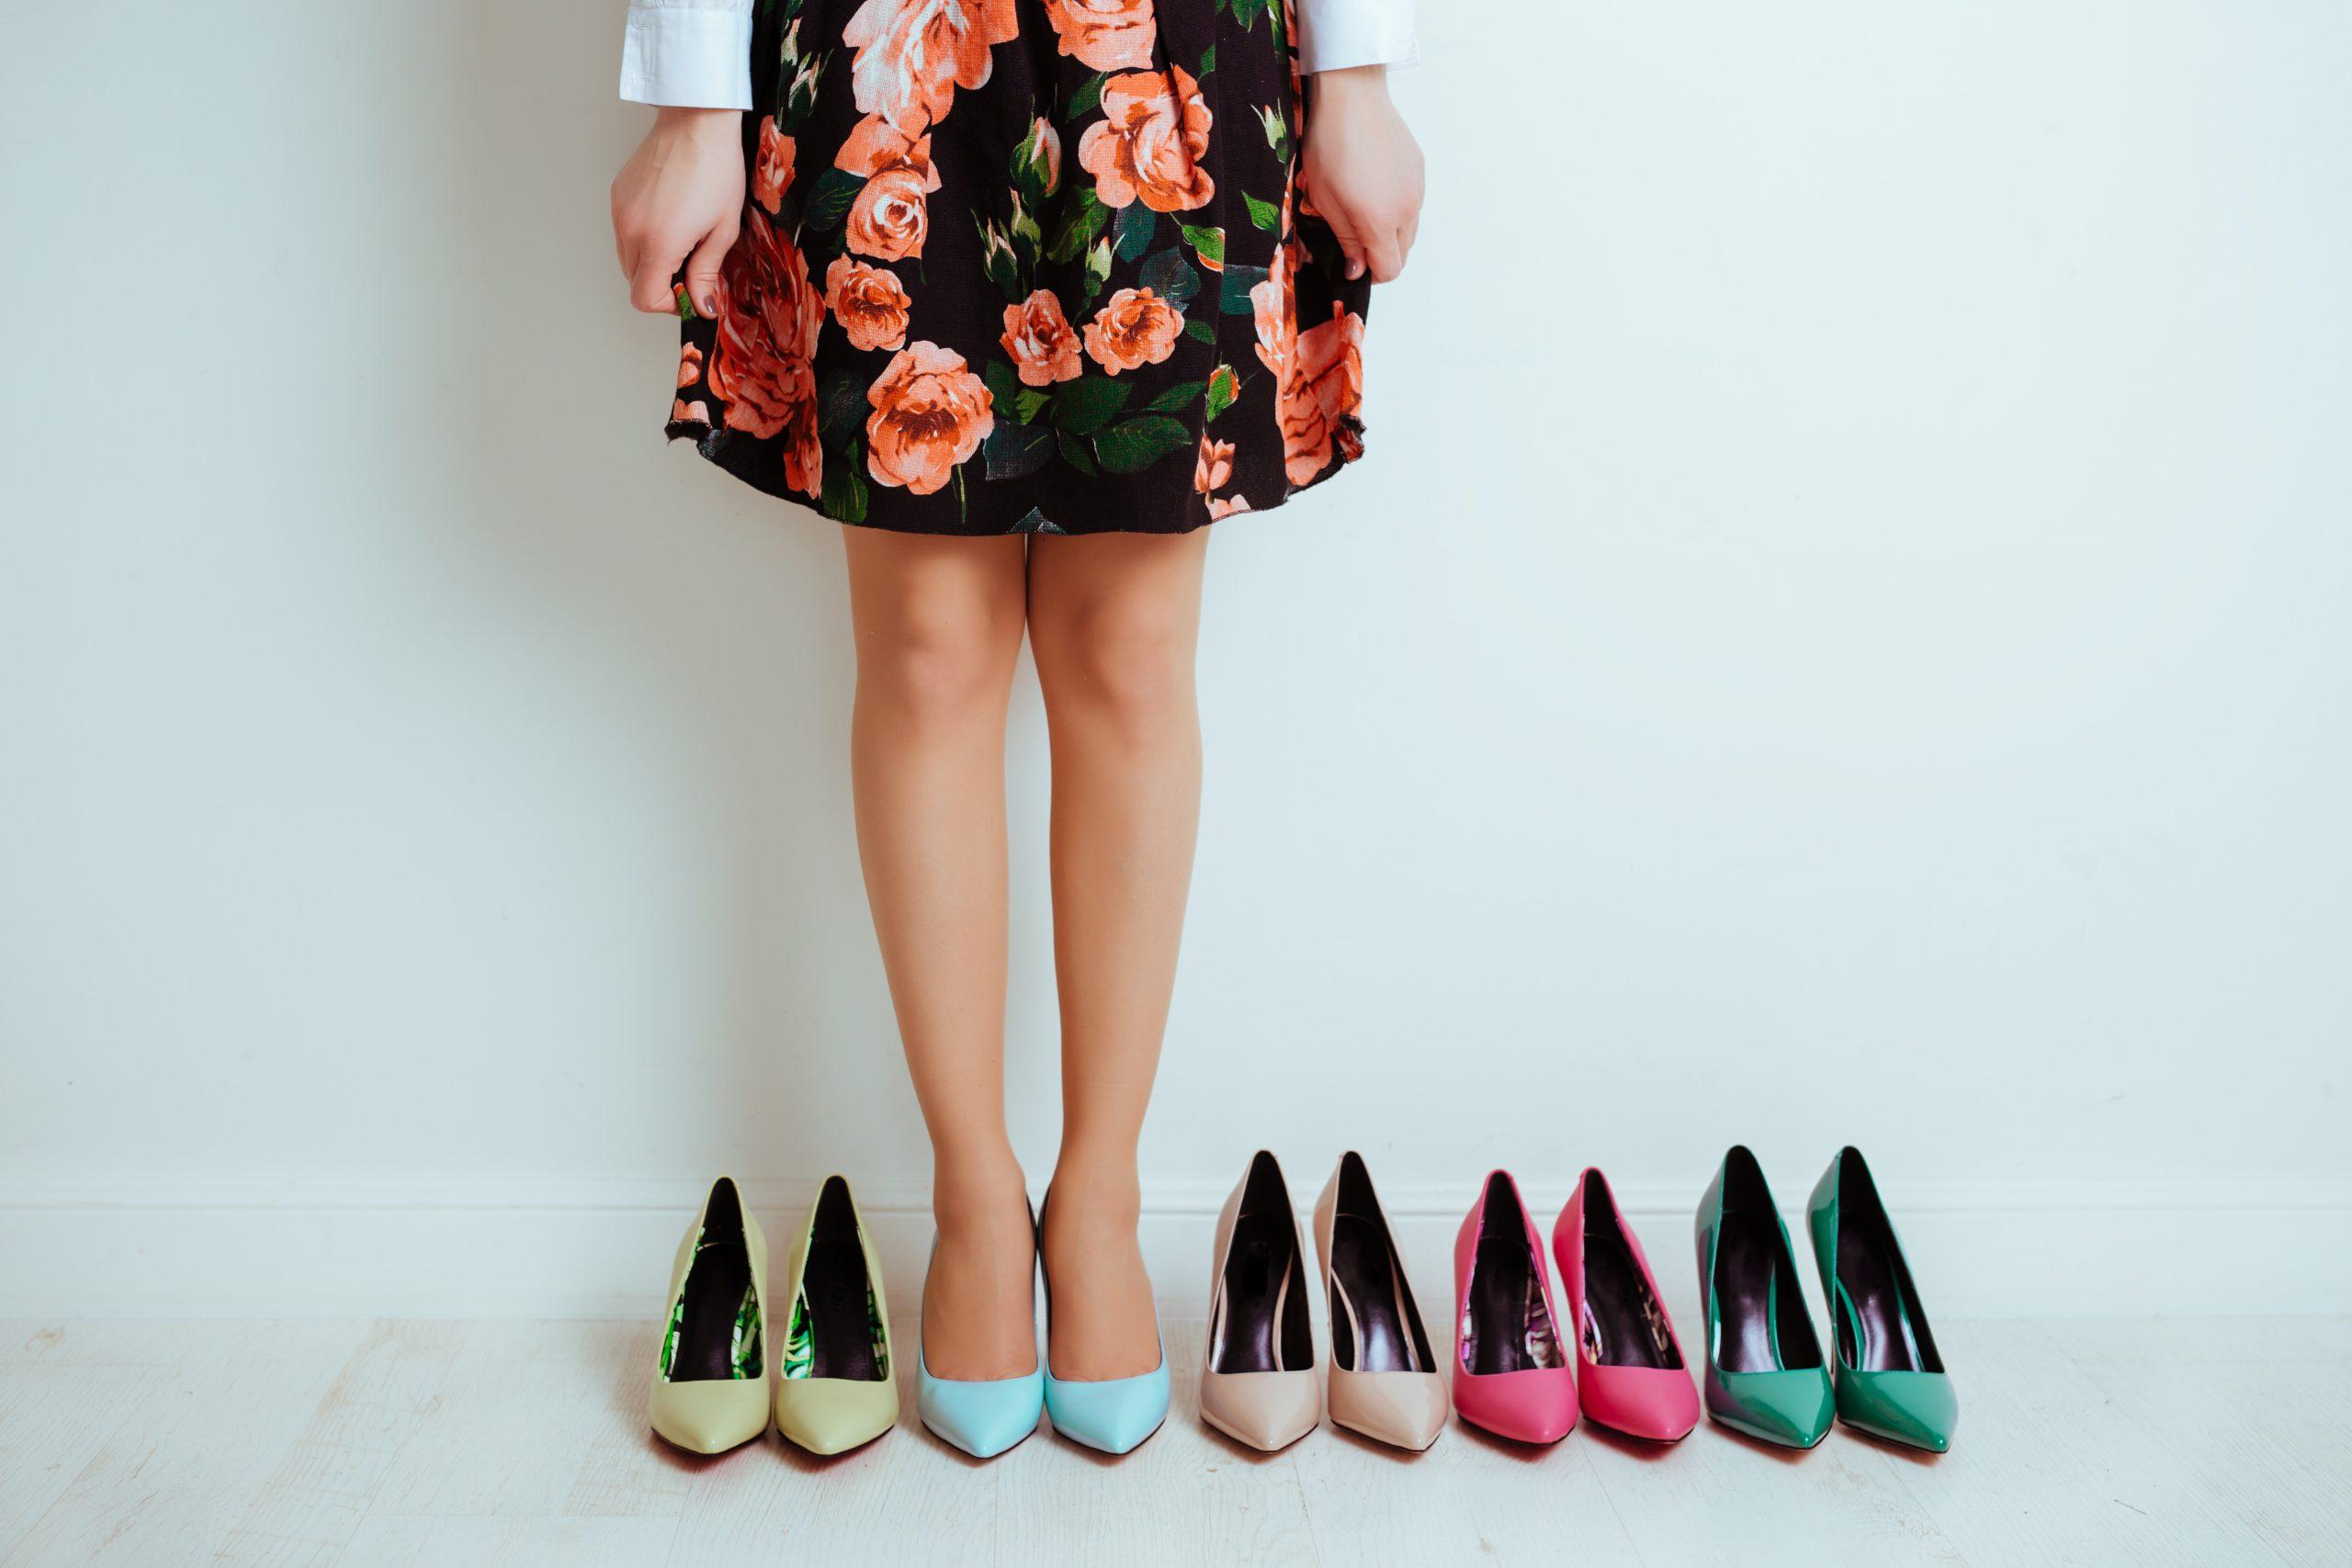 1人の女性と複数の靴